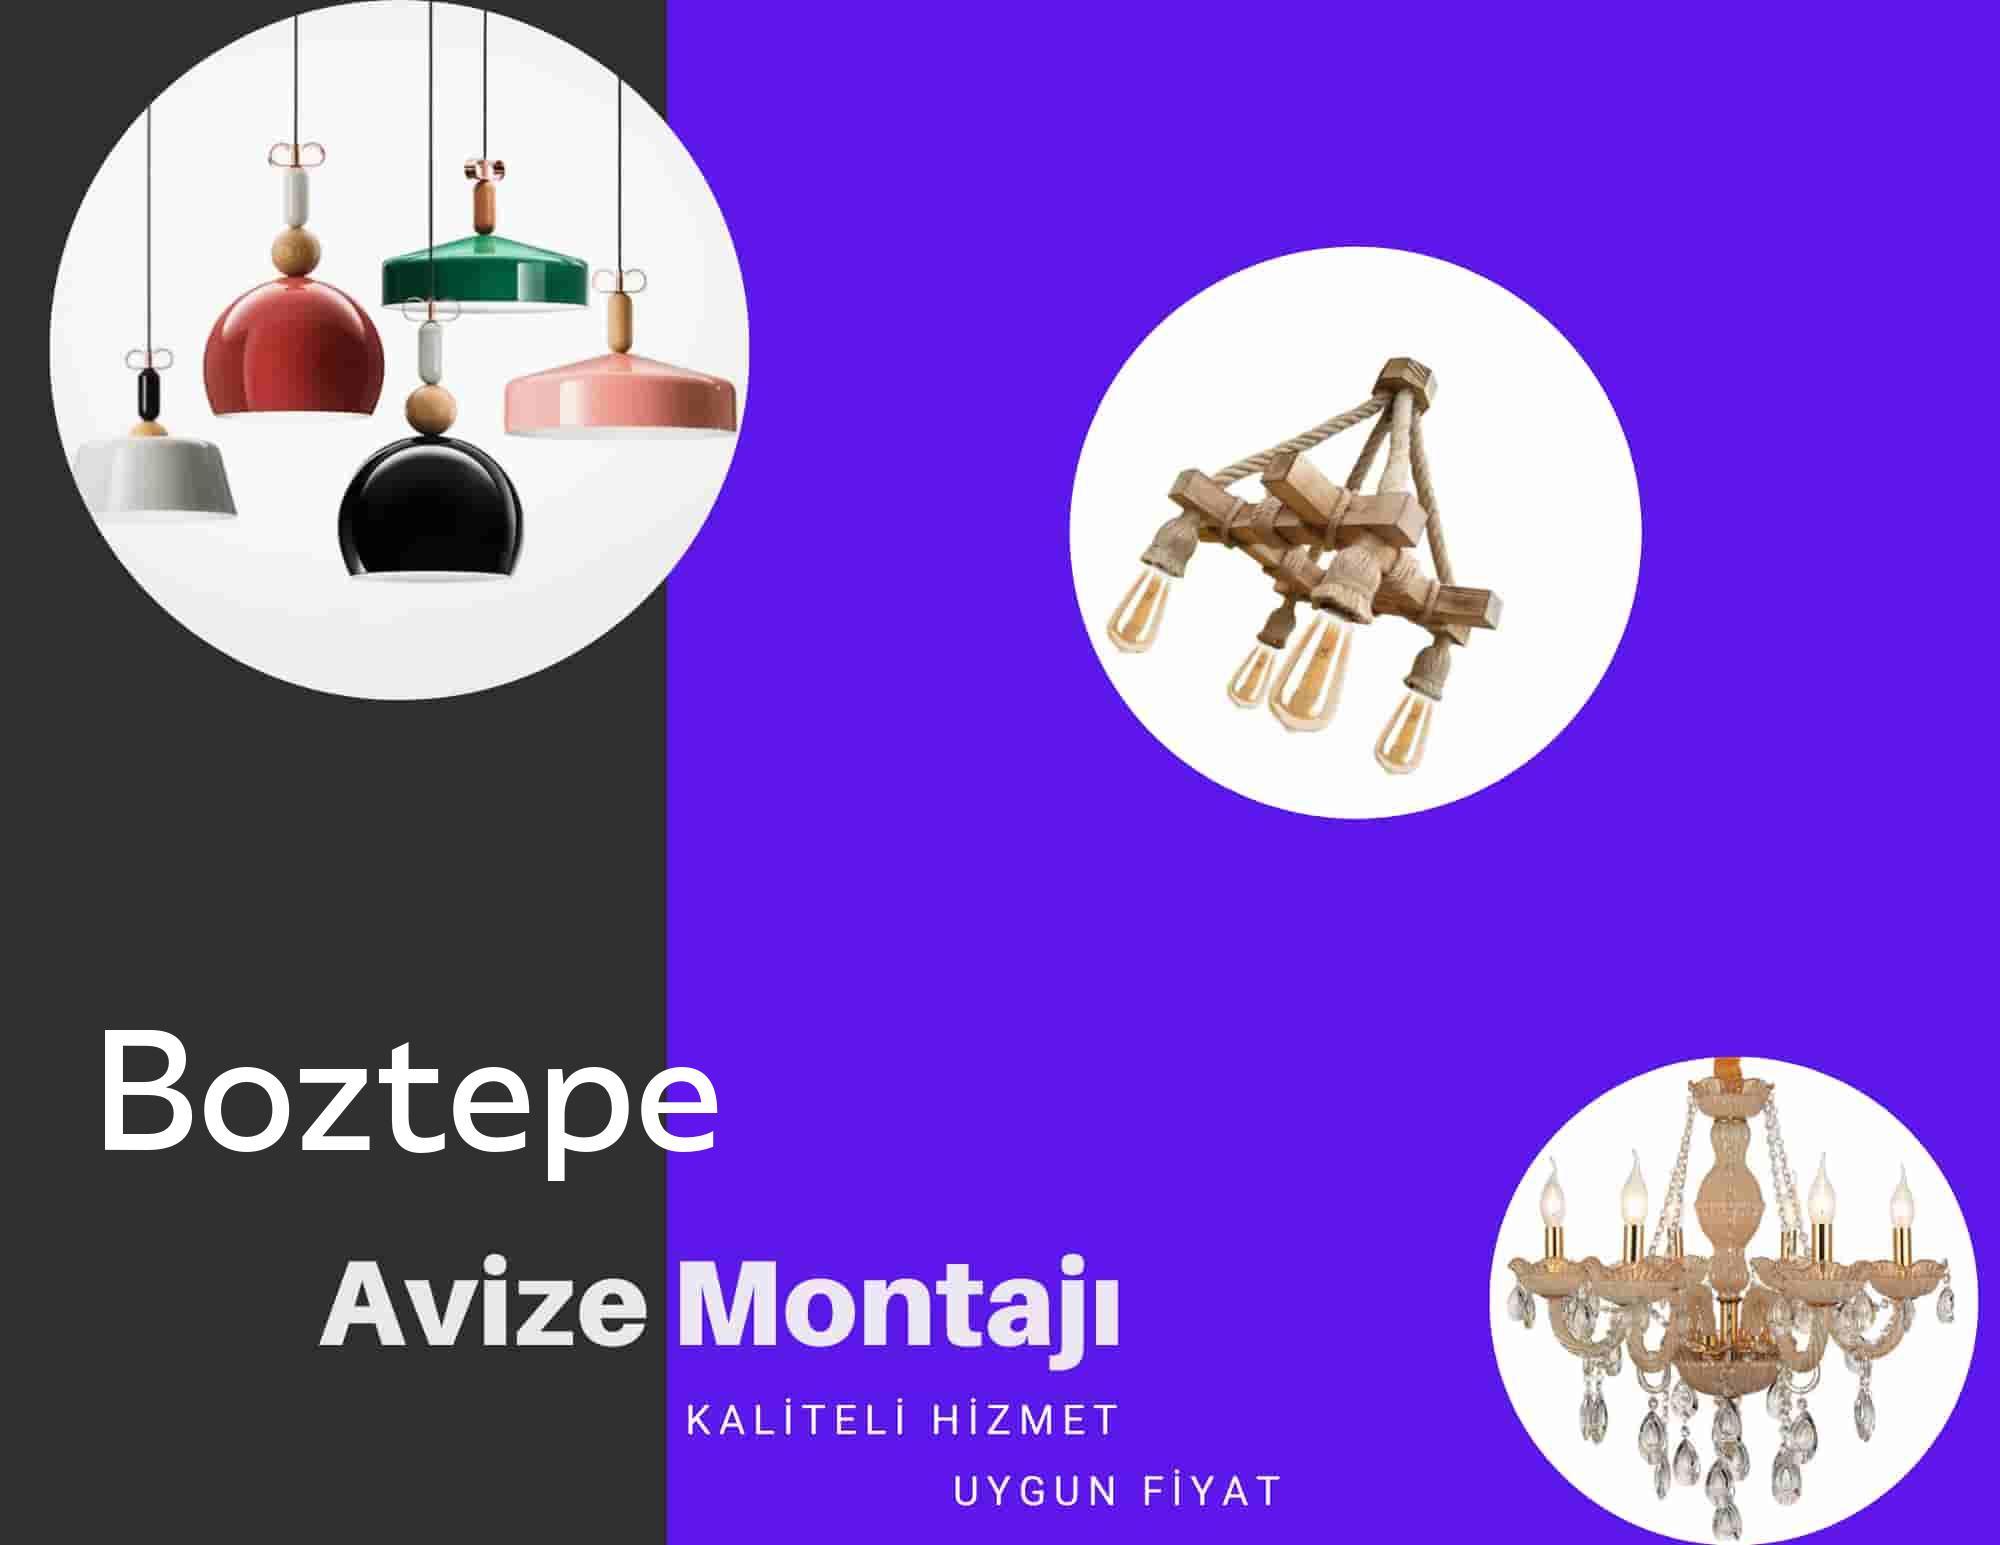 Boztepede avize montajı yapan yerler arıyorsanız elektrikcicagir anında size profesyonel avize montajı ustasını yönlendirir.